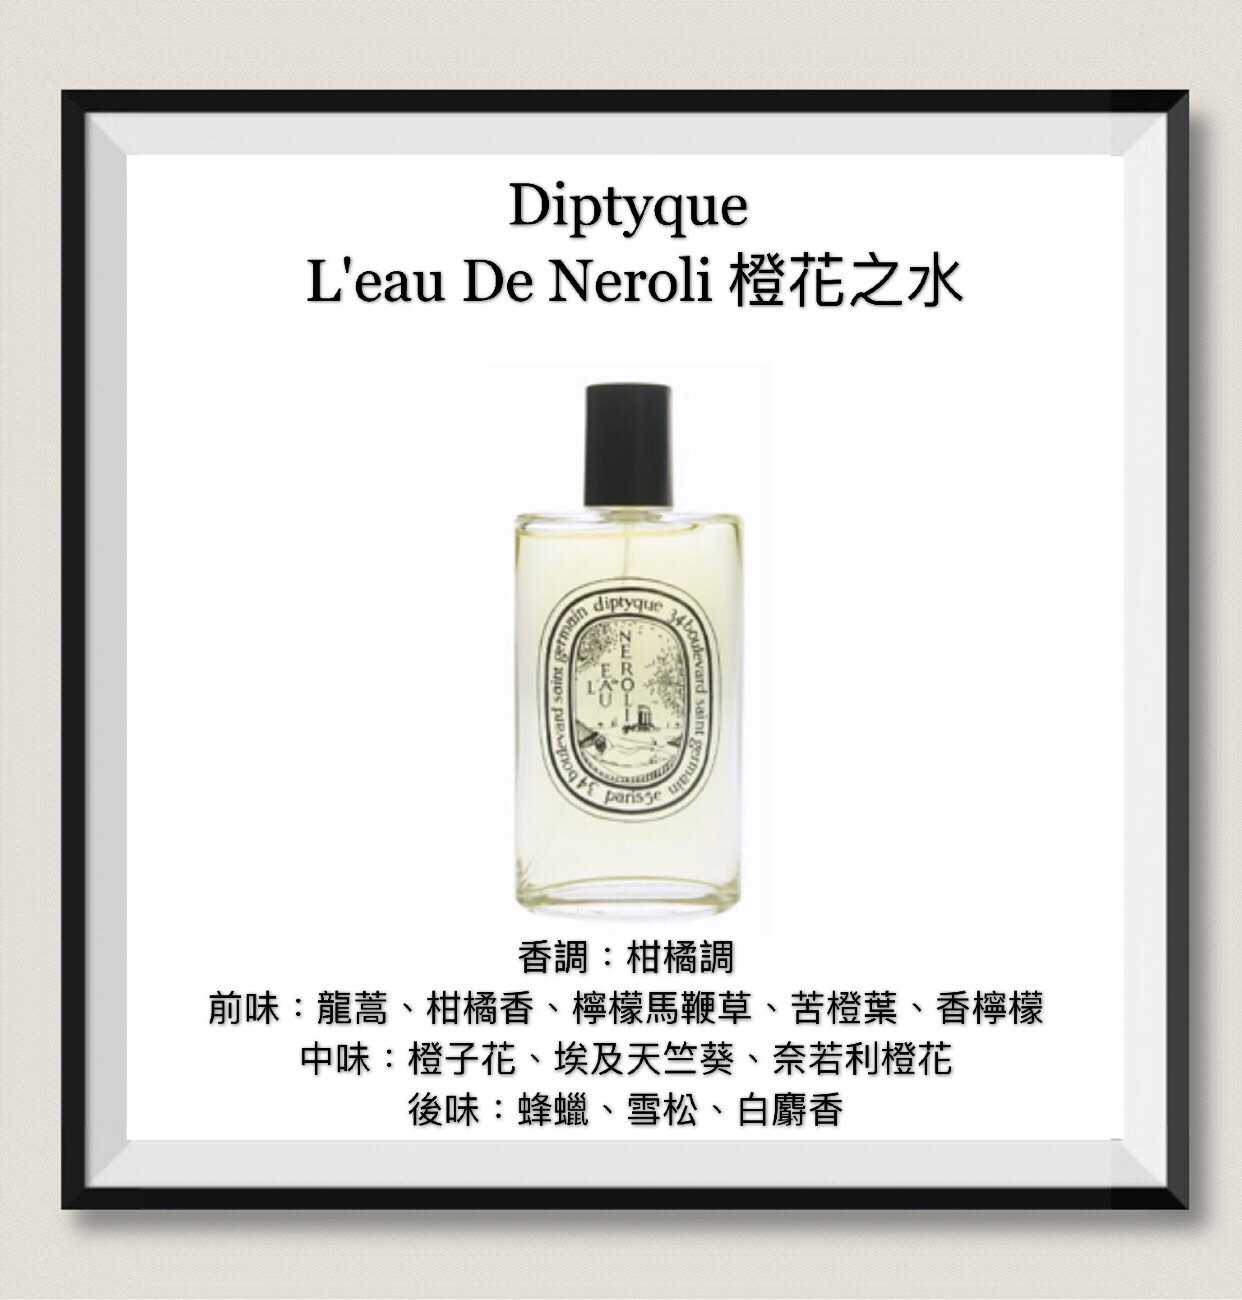 【香舍】Diptyque L'eau De Neroli 橙花之水 中性淡香水 100ML